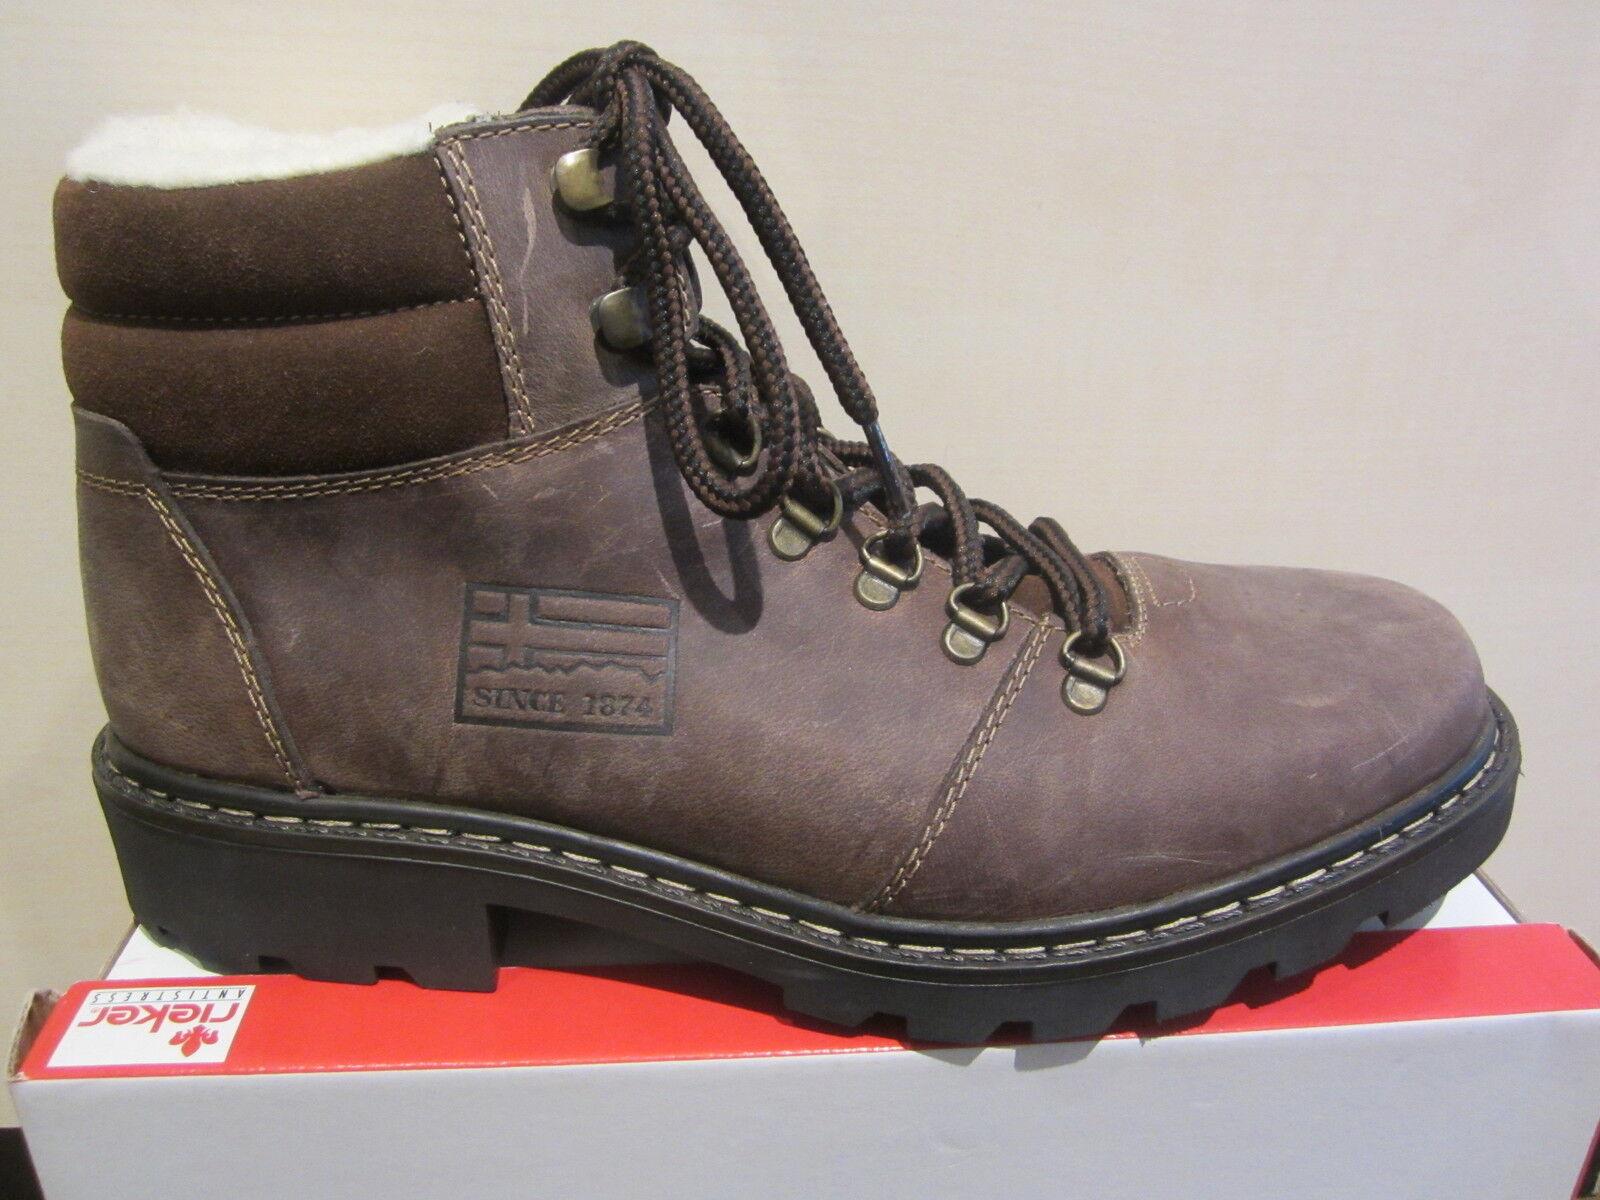 Rieker botas de Hombre Invierno Cordón, Marrón Oscuro Piel Nuevo